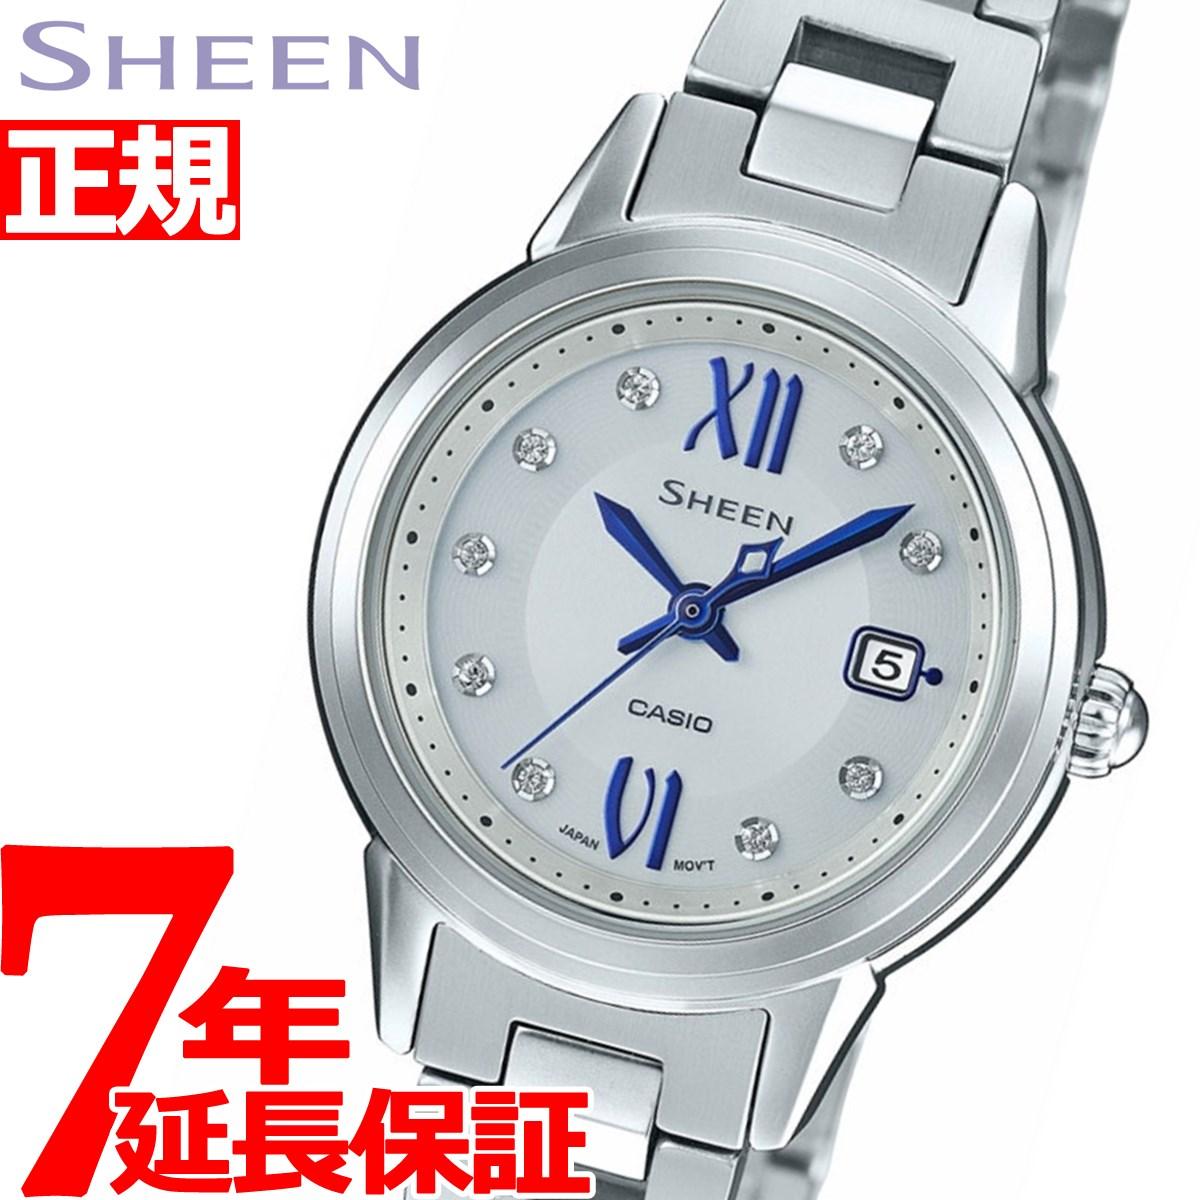 カシオ シーン CASIO SHEEN ソーラー 腕時計 レディース SHS-4500D-7AJF